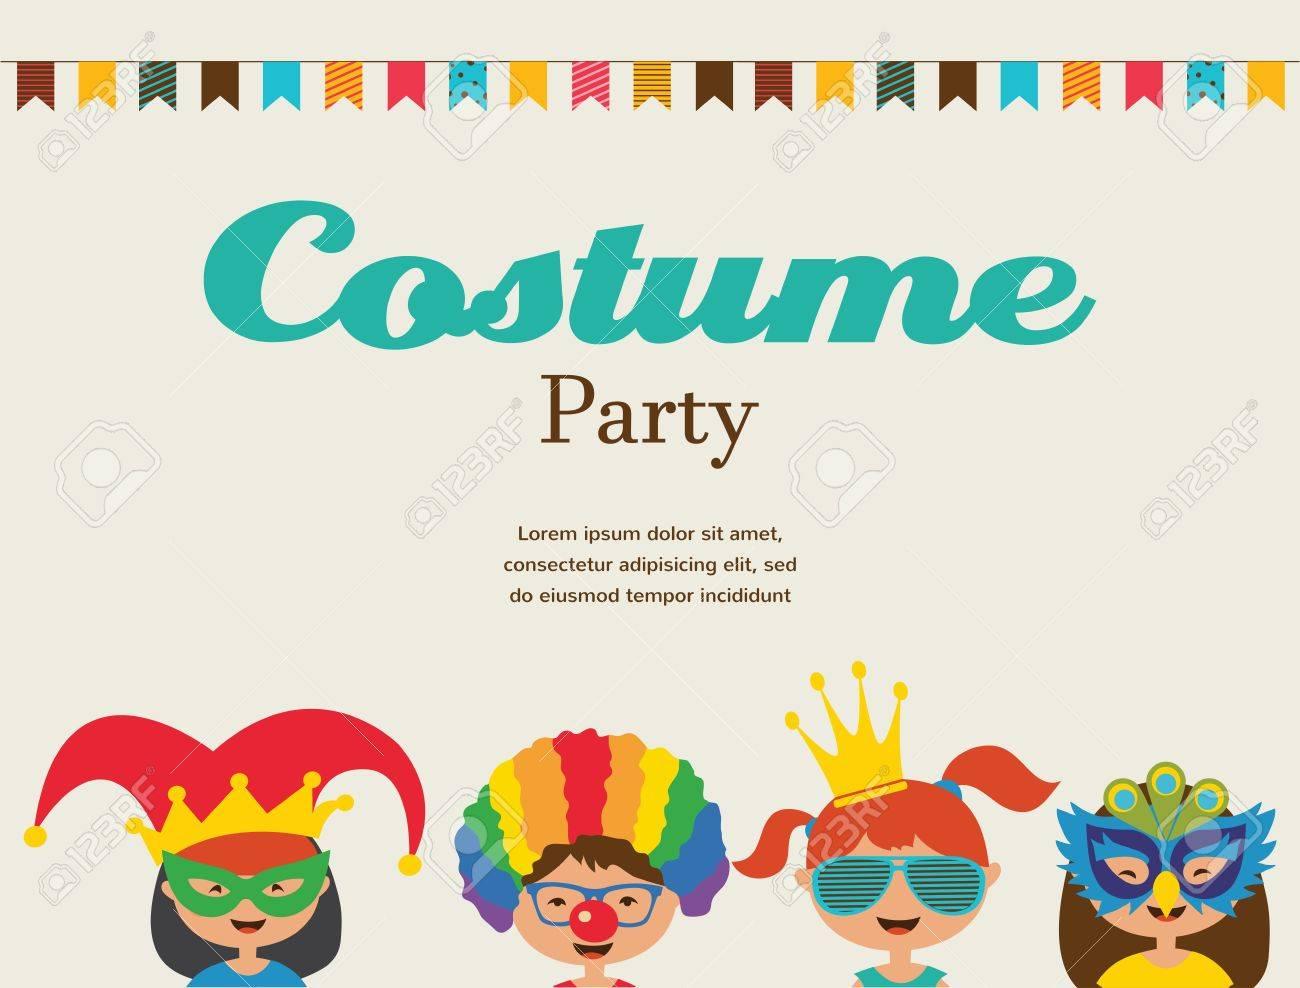 Einladung Für Kostümfest. Kinder Tragen Verschiedene Kostüme ...